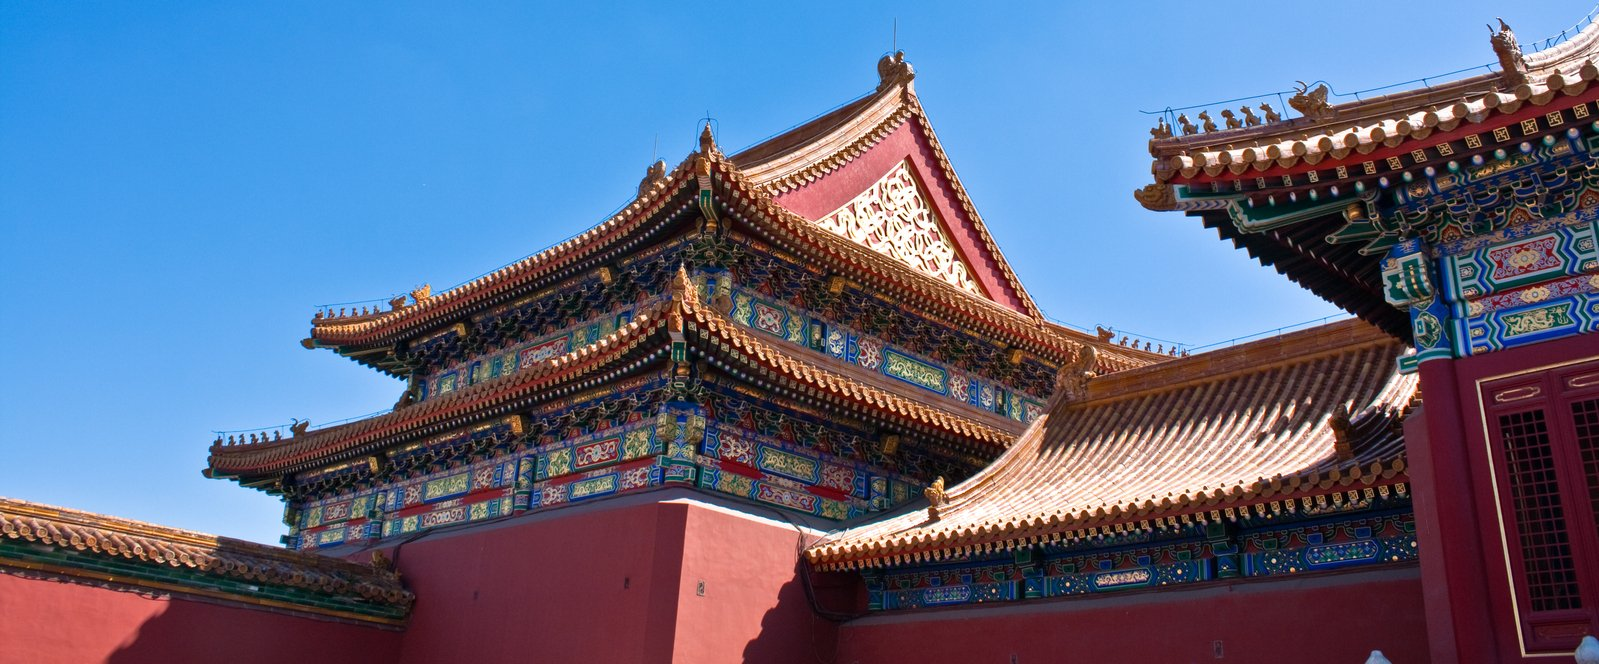 Free Forbidden City Stock Photo - FreeImages.com